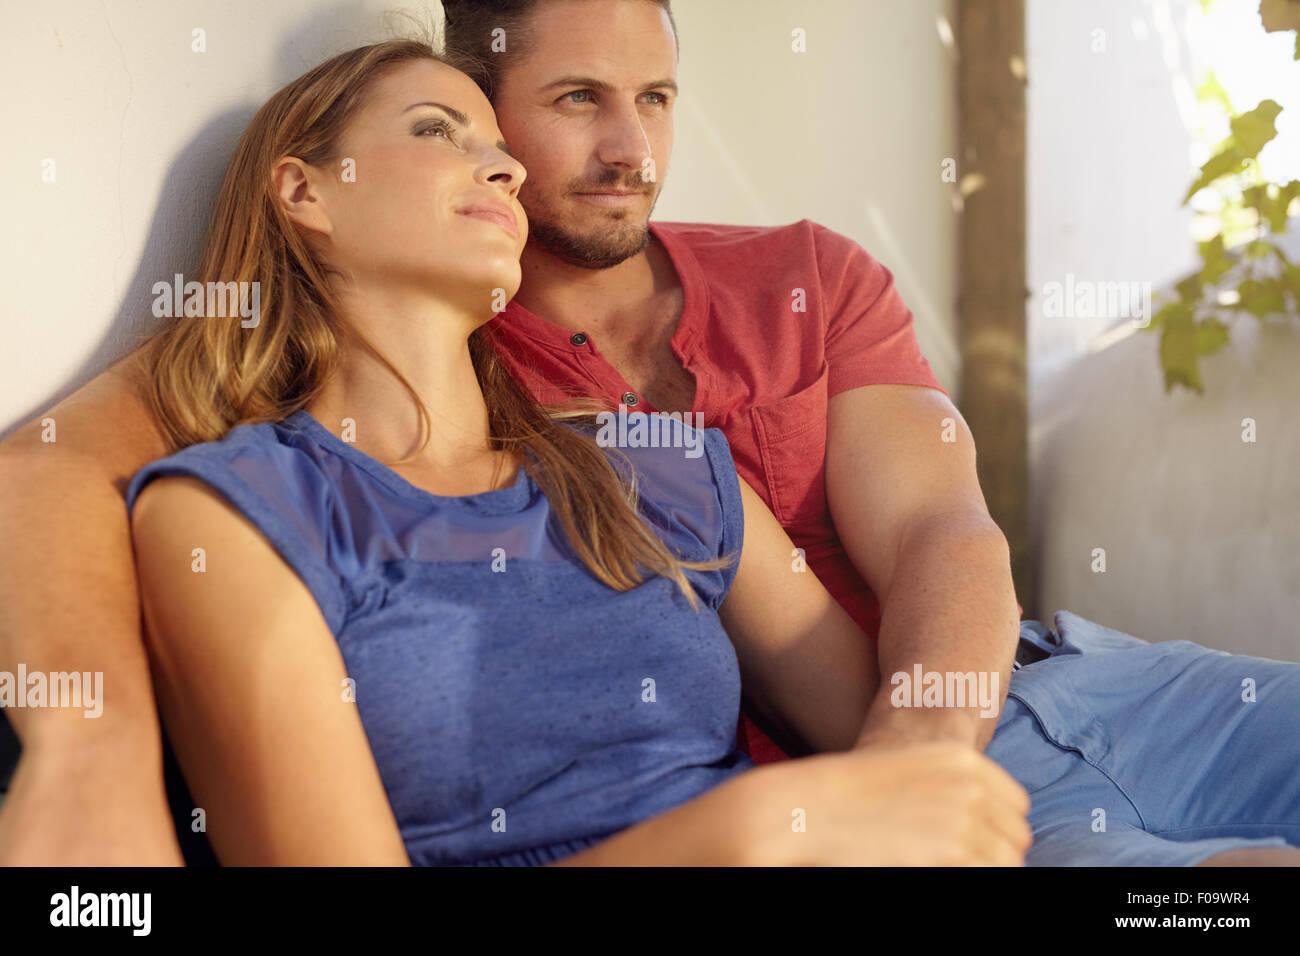 Im Freien Schuss liebevoller junger Mann und Frau sitzt in ihrem Hinterhof. Liebe Paar sitzt zusammen im Patio entspannt. Stockbild